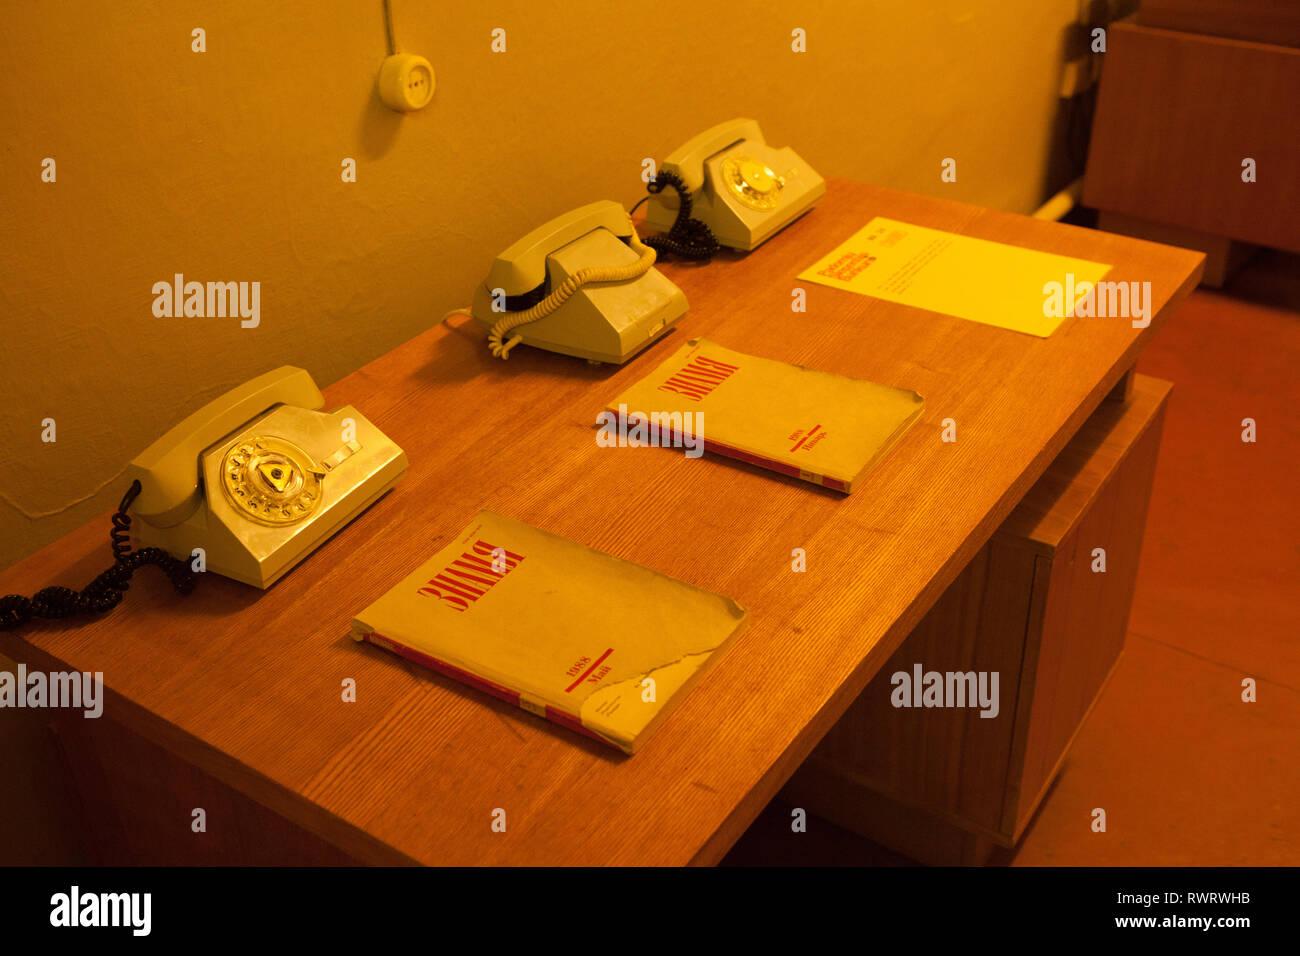 Fila de teléfonos alámbricos y manuales sobre el escritorio en el búnker de la guerra fría, Ligatne, Letonia Imagen De Stock